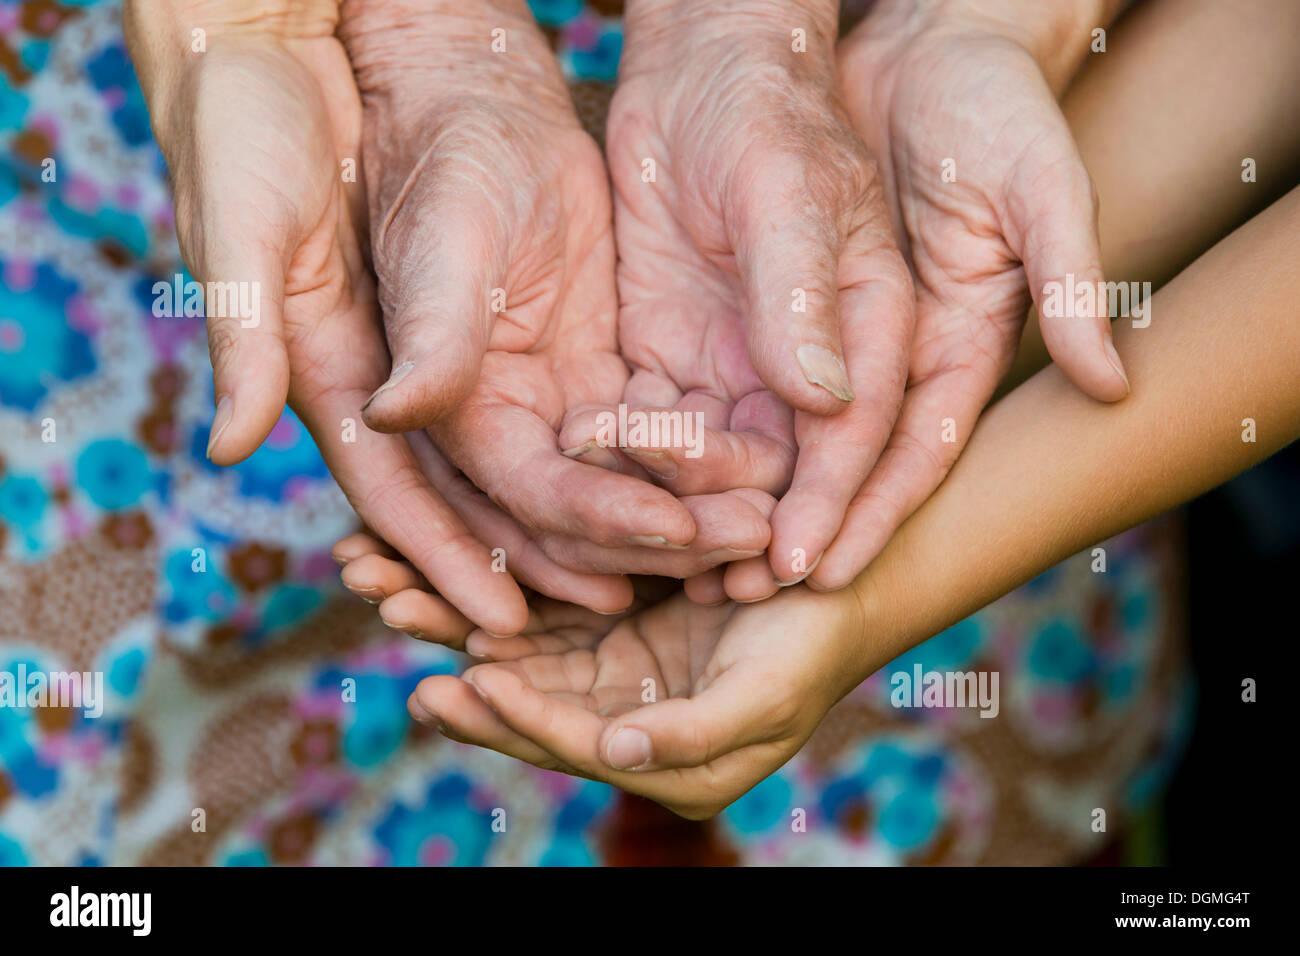 Las manos de un adulto, una anciana y un niño Imagen De Stock